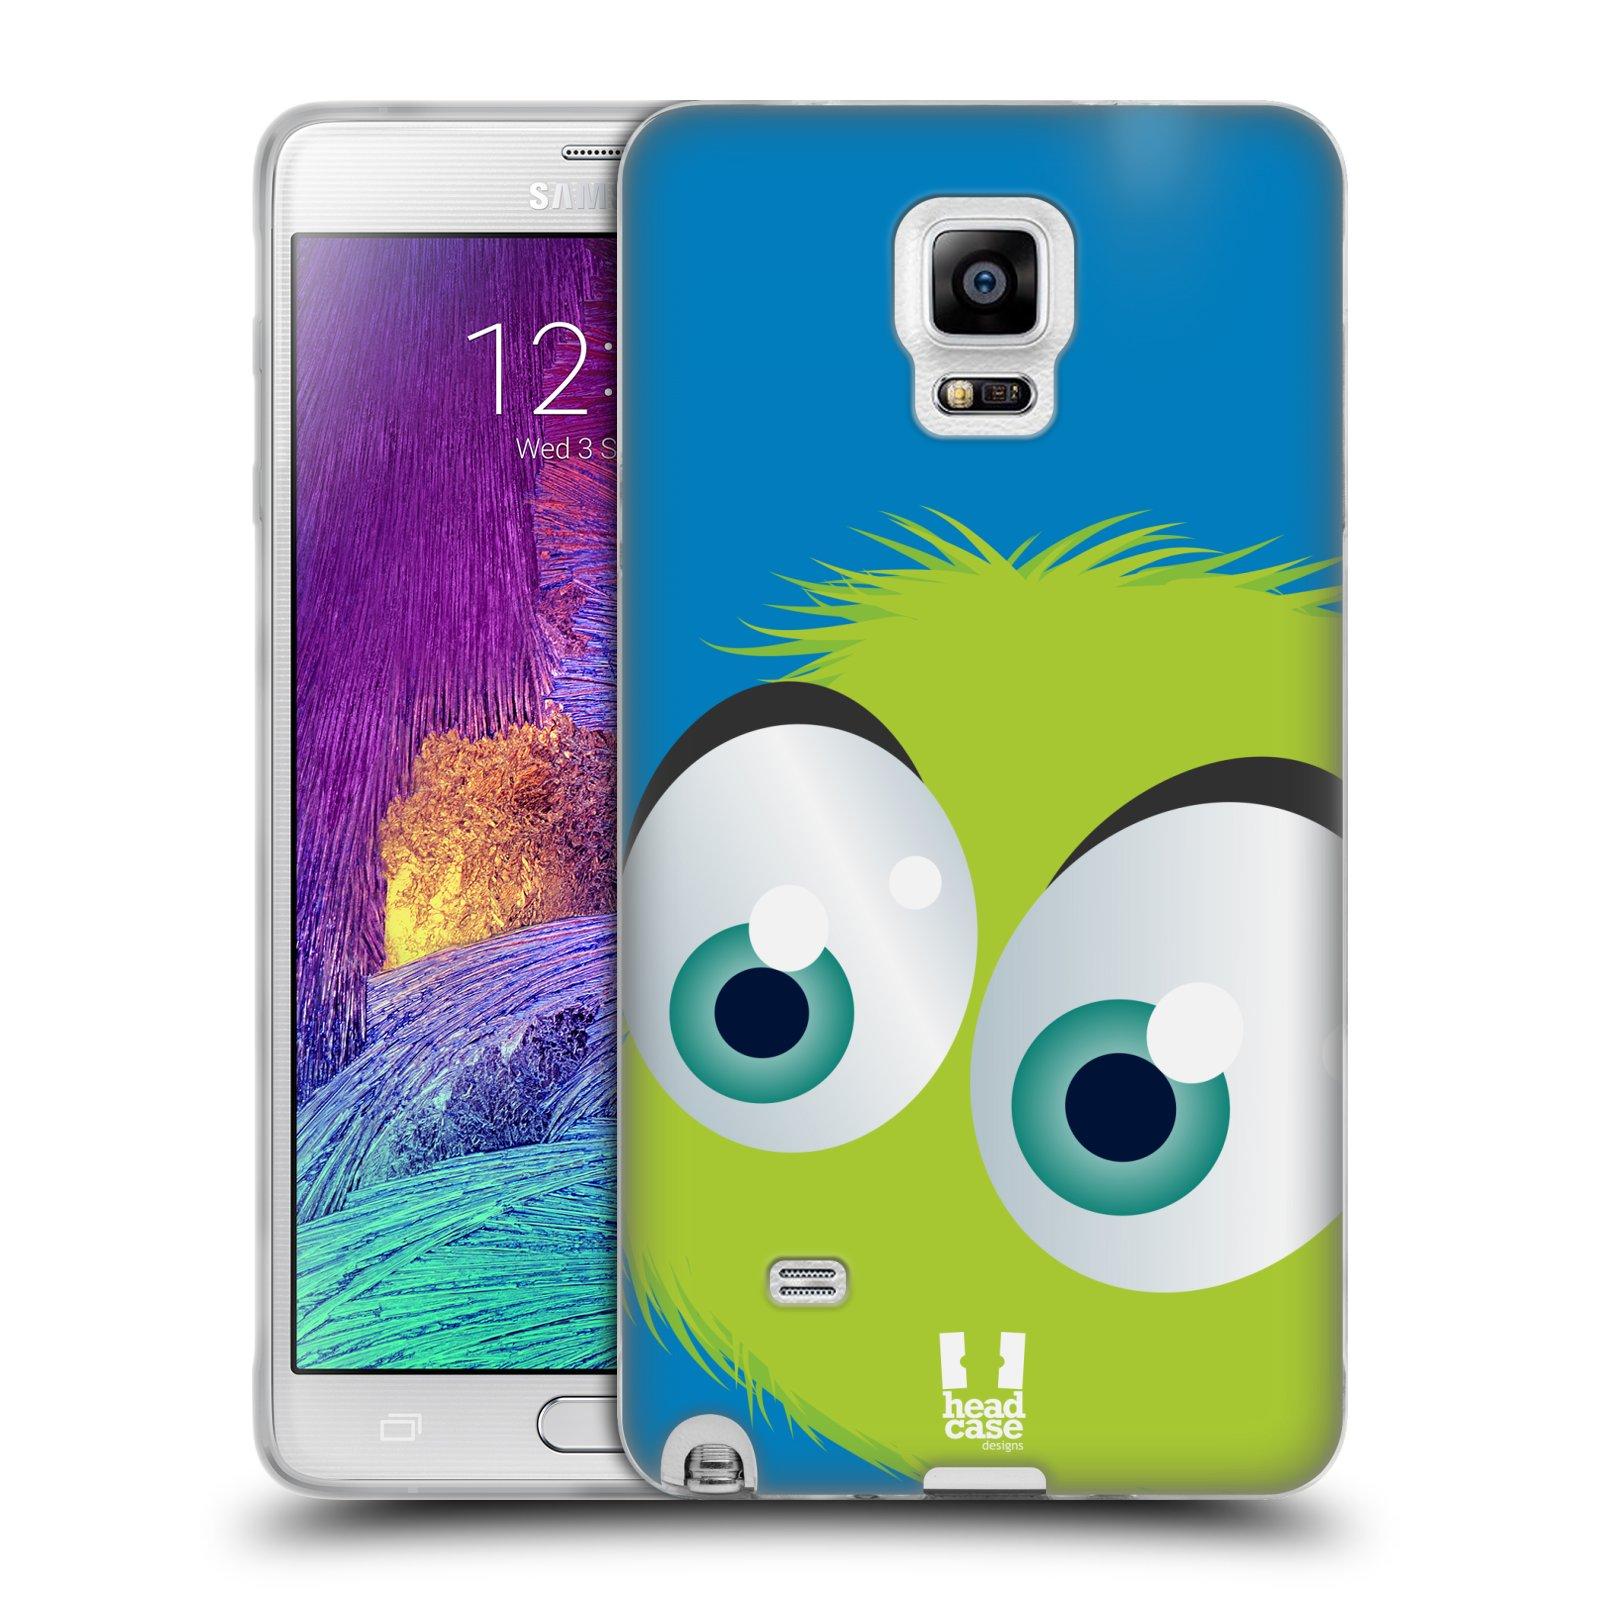 Silikonové pouzdro na mobil Samsung Galaxy Note 4 HEAD CASE FUZÍK ZELENÝ (Silikonový kryt či obal na mobilní telefon Samsung Galaxy Note 4 SM-N910F)